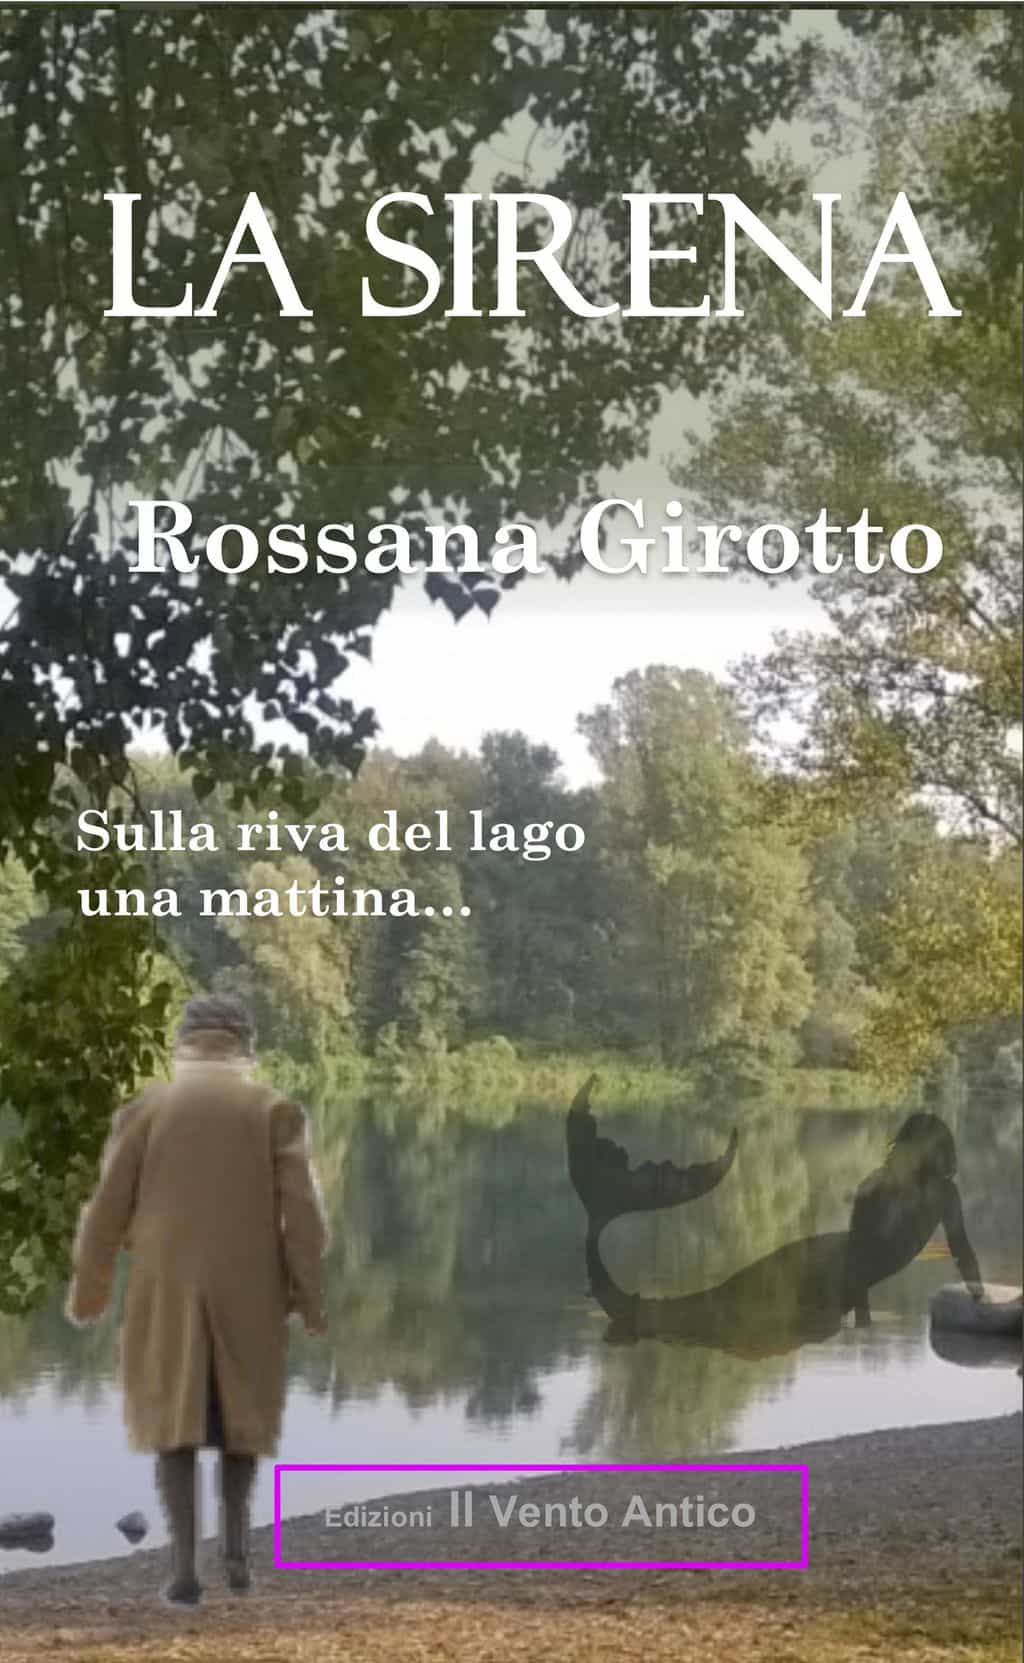 Il Take Away di novembre – La sirena by Rossana Girotto